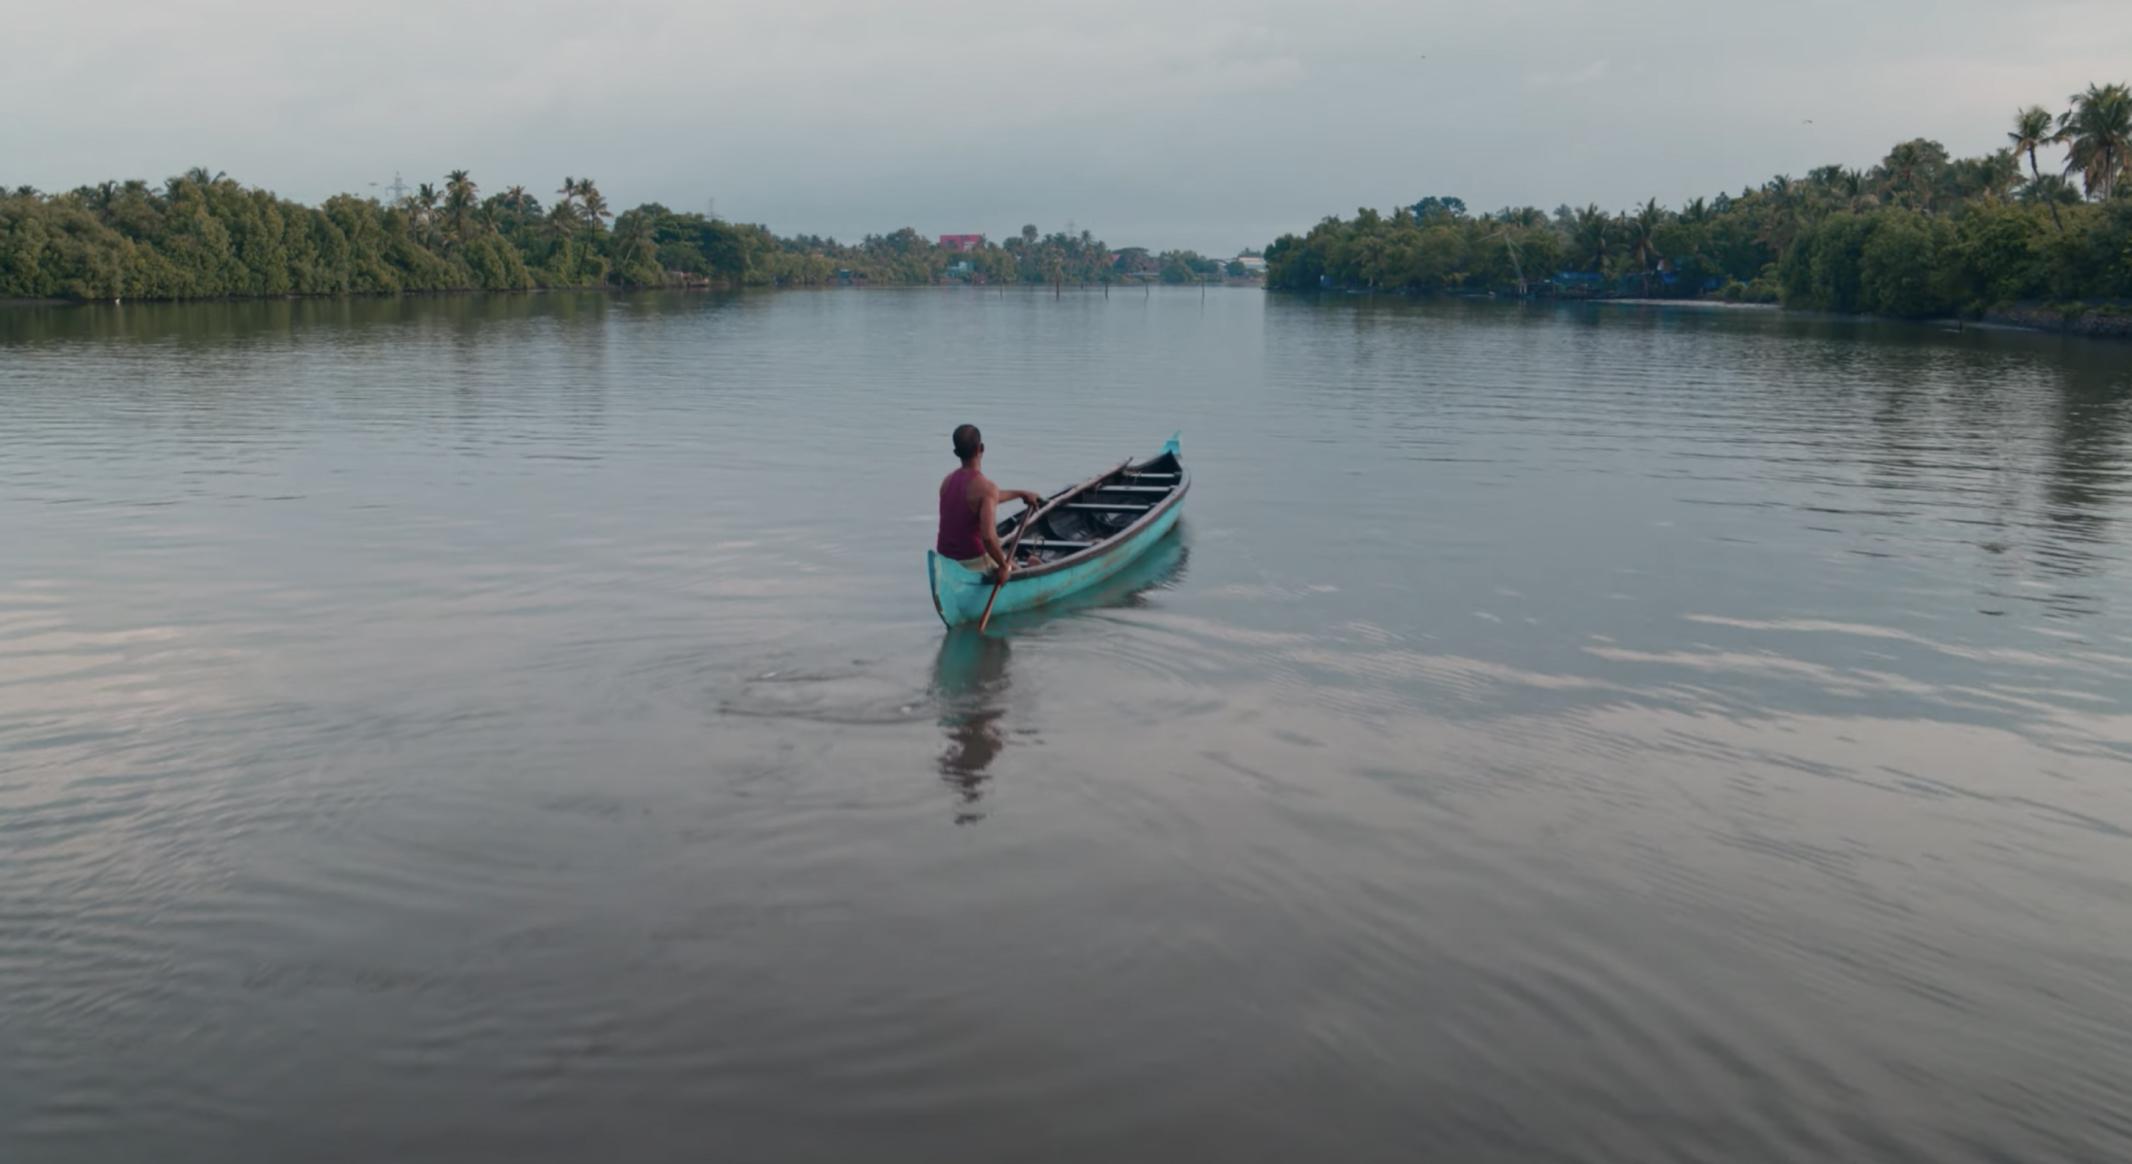 Fisherman on river in Kerala India.